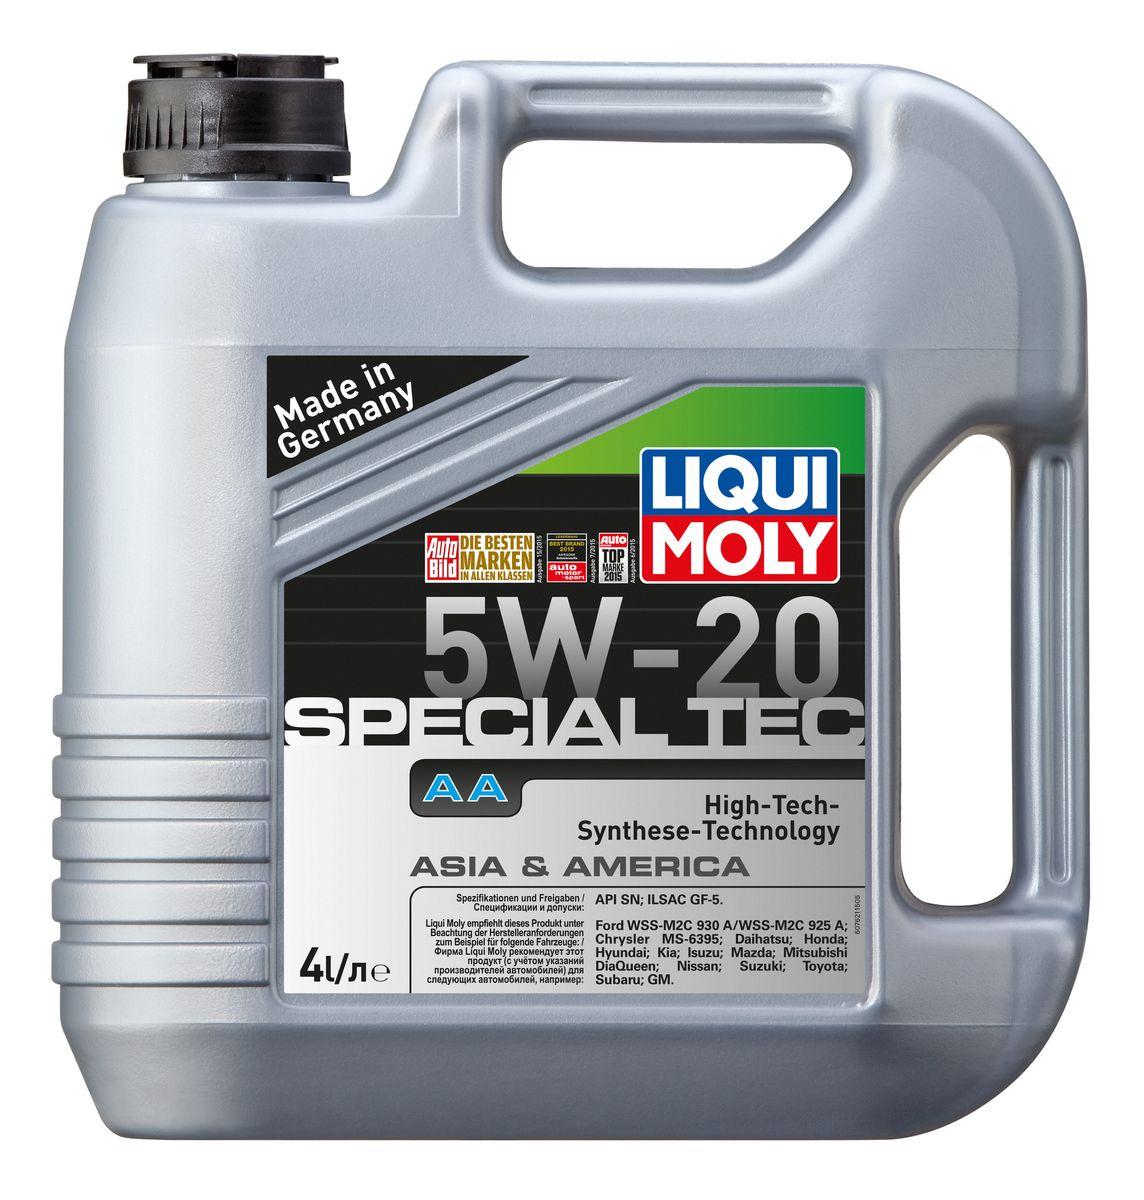 Масло моторное Liqui Moly Special Tec AA, НС-синтетическое, 5W-20, 4 л7621Масло моторное Liqui Moly Special Tec AA рекомендуется для автомобилей Honda, Mazda, Mitsubishi, Nissan, Daihatsu, Hyundai, Kia, Isuzu, Suzuki, Toyota, Subaru, Ford, Chrysler, GM.Современное HC-синтетическое энергосберегающее моторное масло специально разработано для всесезонного использования в двигателях американских и азиатских автомобилей. Благодаря классу вязкости 5W-20 данное масло отлично подходит для новейших двигателей Honda, произведенных для японского и американского рынков. Базовые масла, полученные по технологии синтеза, и новейшие присадки составляют рецептуру моторного масла с отменной защитой от износа, снижающего расход топлива и масла, обеспечивающего чистоту двигателя и максимально быстрое поступление к трущимся деталям. Особенности: - Быстрое поступление масла ко всем деталям двигателя при низких температурах- Высочайшие показатели топливной экономии- Сокращает эмиссию выхлопных газов- Отличная чистота двигателя- Совместимо с новейшими системами нейтрализации отработавших газов бензиновых двигателейМоторное масло Special Tec АА 5W-20 соответствует специальным требованиям азиатских и американских производителей, поэтому его использование позволяет сохранить все гарантийные условия при прохождении ТО соответствующих автомобилей. Допуск: - API: SN- ILSAC: GF-5